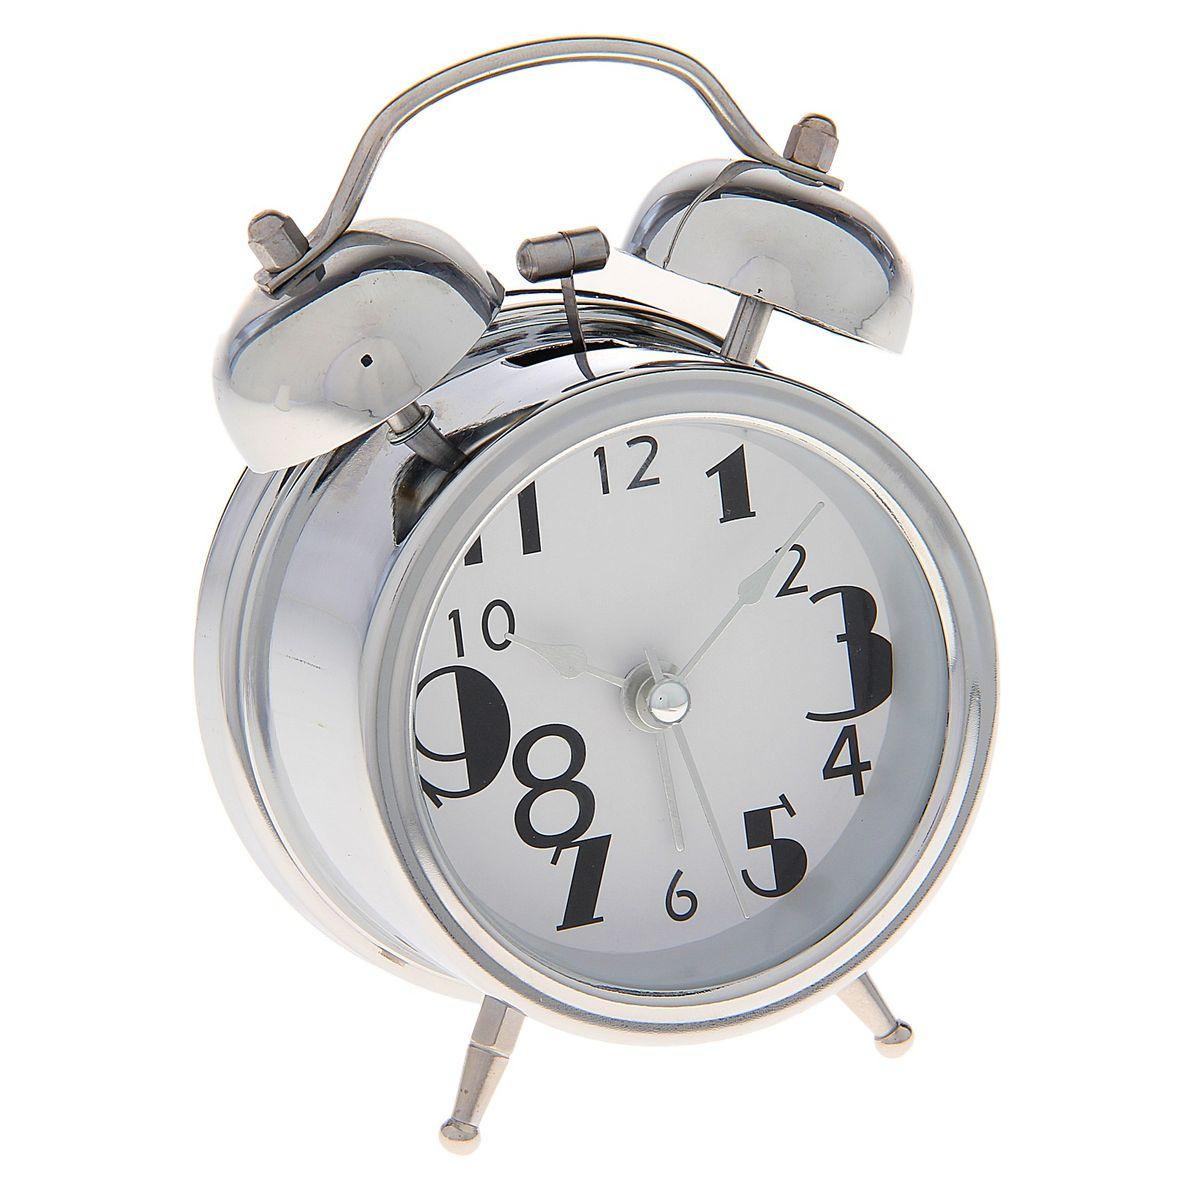 Часы-будильник Sima-land. 720815MRC 4119 P schwarzКак же сложно иногда вставать вовремя! Всегда так хочется поспать еще хотя бы 5 минут и бывает, что мы просыпаем. Теперь этого не случится! Яркий, оригинальный будильник Sima-land поможет вам всегда вставать в нужное время и успевать везде и всюду. Время показывает точно и будит в установленный час. Будильник украсит вашу комнату и приведет в восхищение друзей. На задней панели будильника расположены переключатель включения/выключения механизма и два колесика для настройки текущего времени и времени звонка будильника. Также будильник оснащен кнопкой, при нажатии и удержании которой, подсвечивается циферблат.Будильник работает от 1 батарейки типа AA напряжением 1,5V (не входит в комплект).